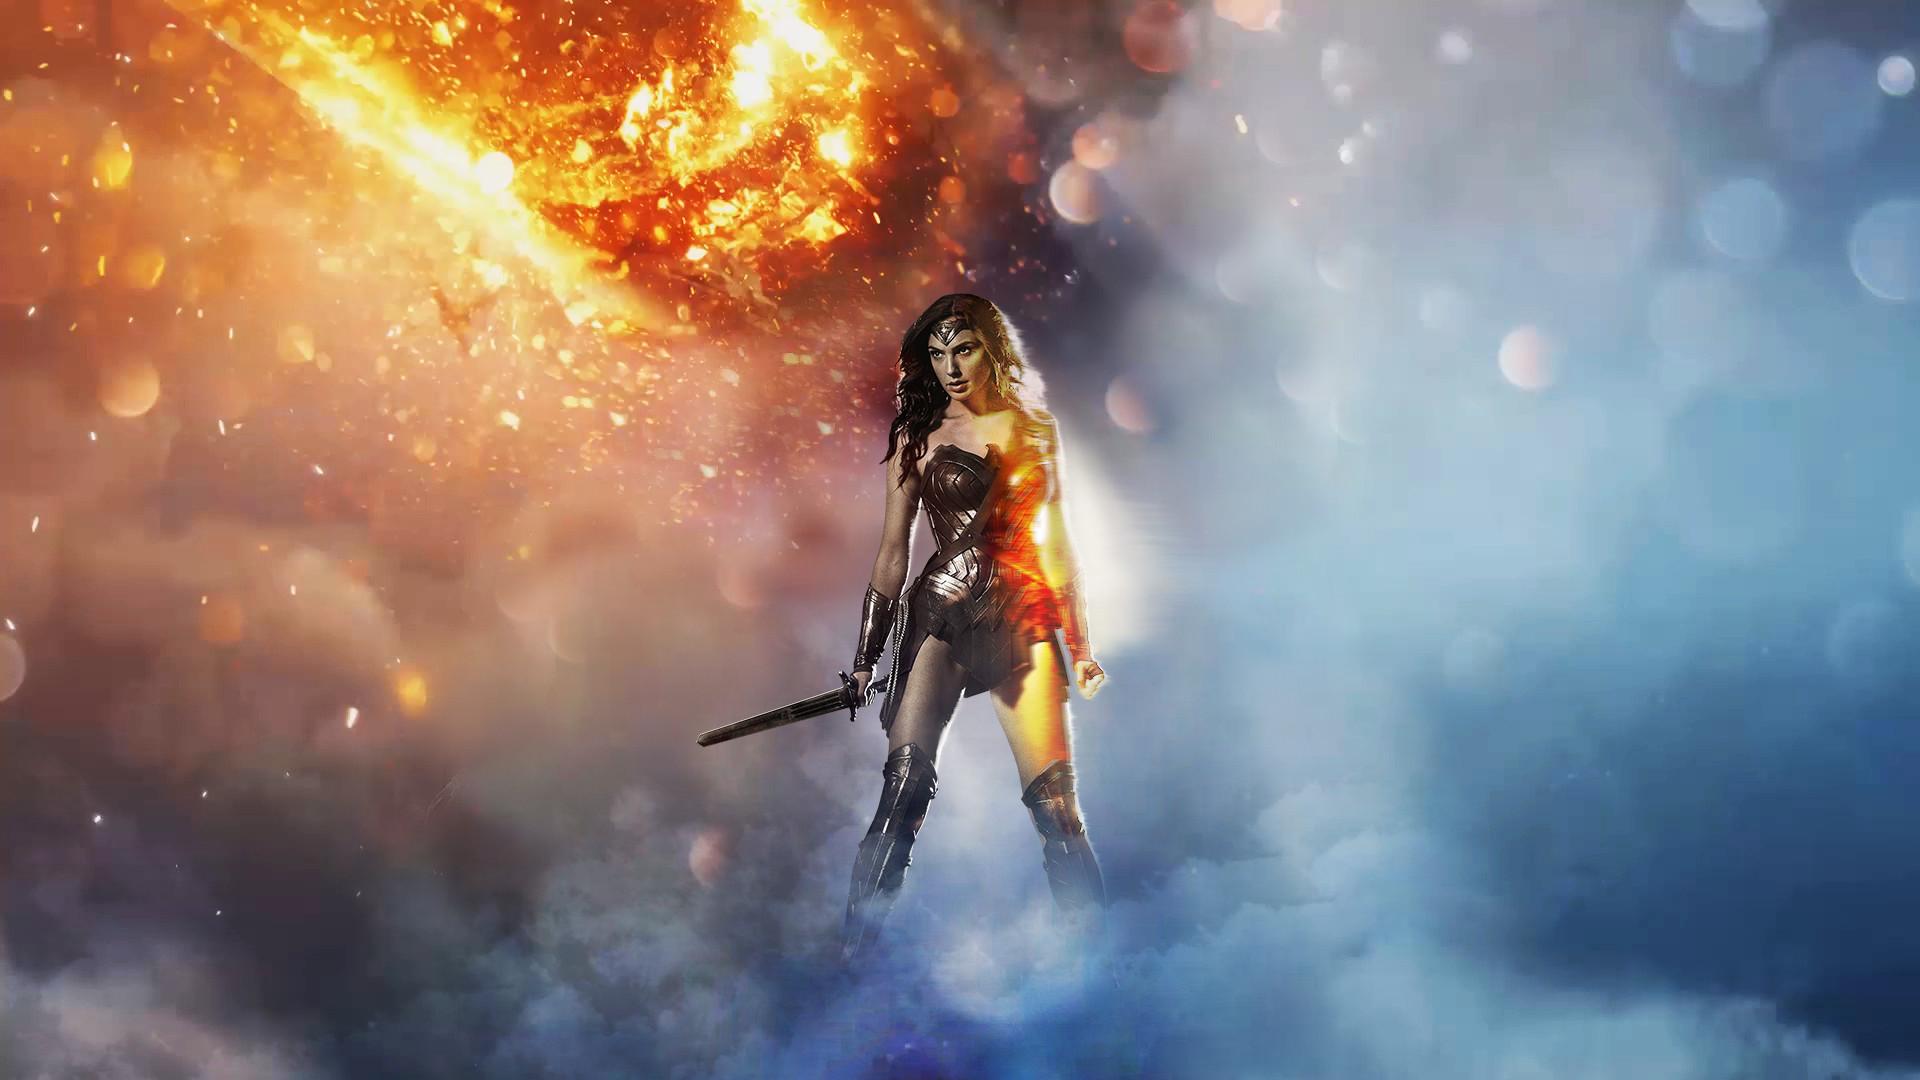 BF1 Wonder Woman Wallpaper